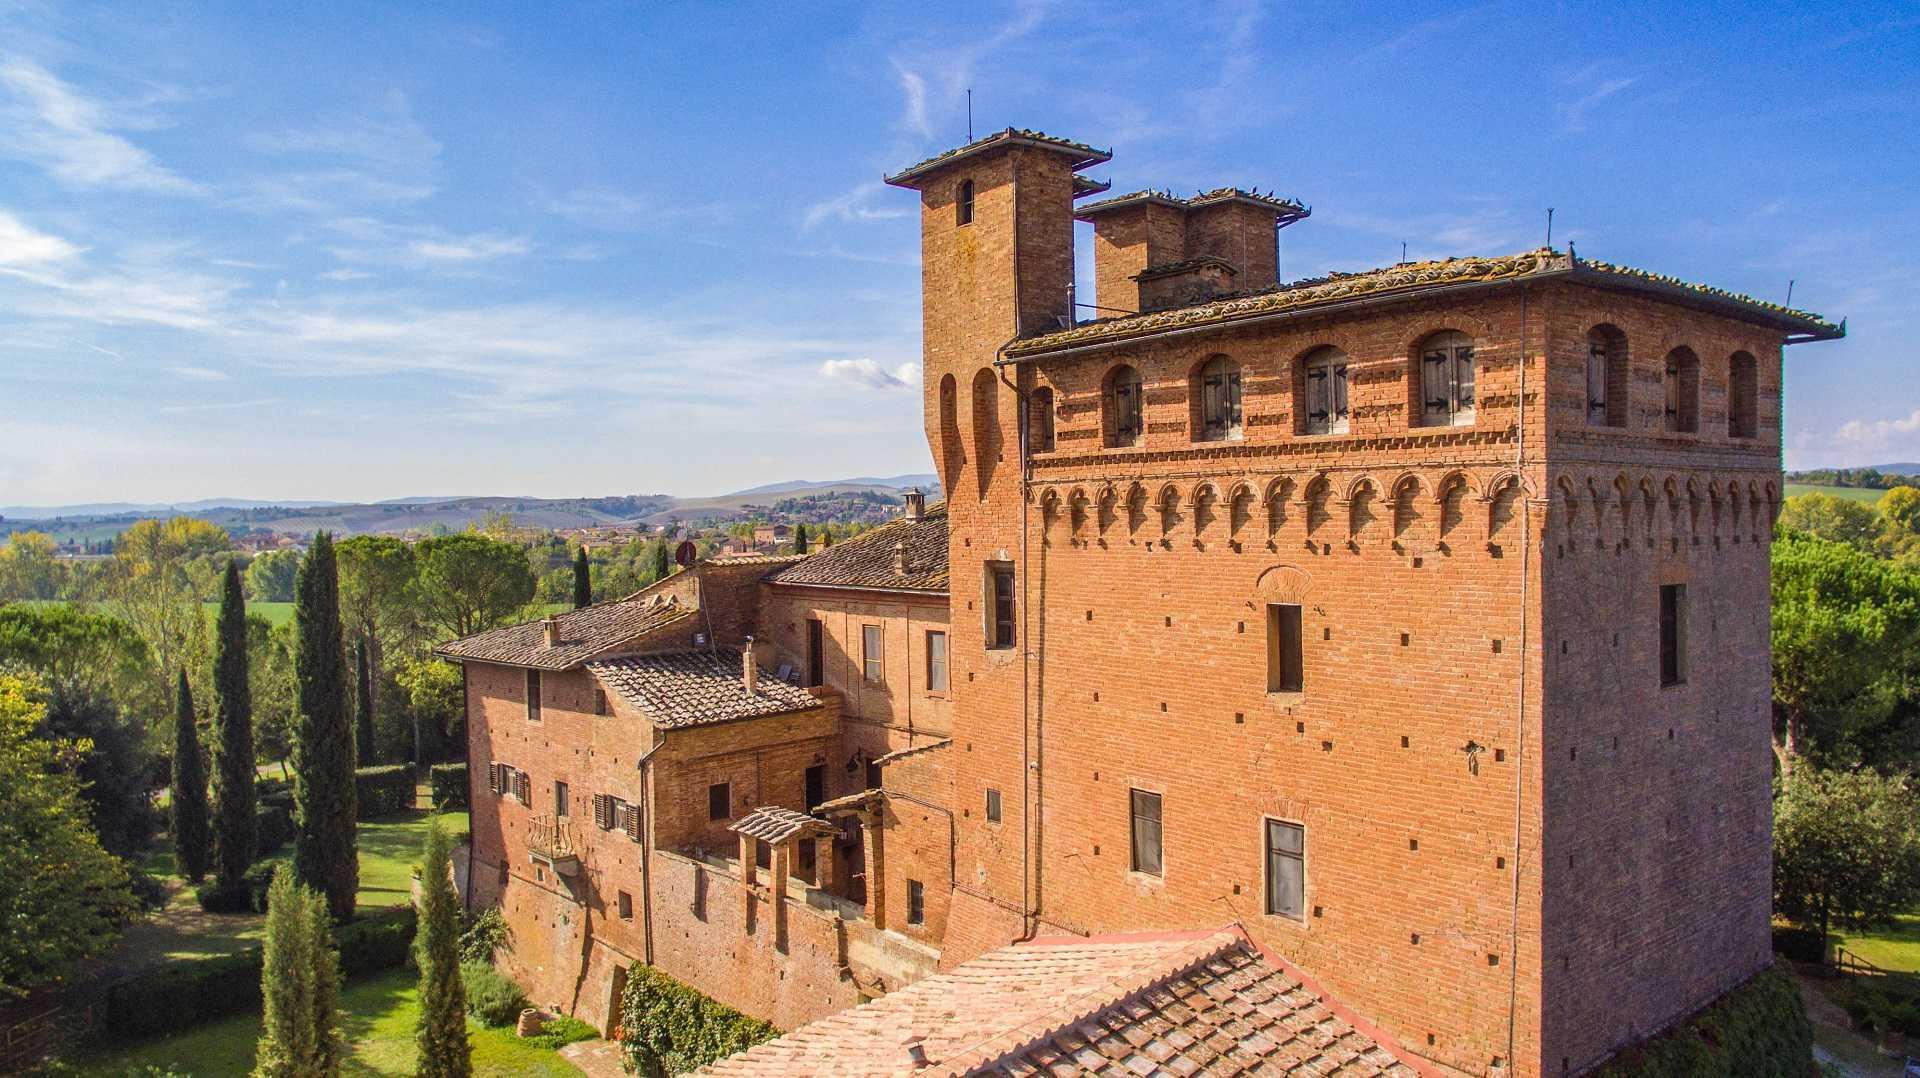 BnB in Romantic Castle near Siena - Castello di San Fabiano